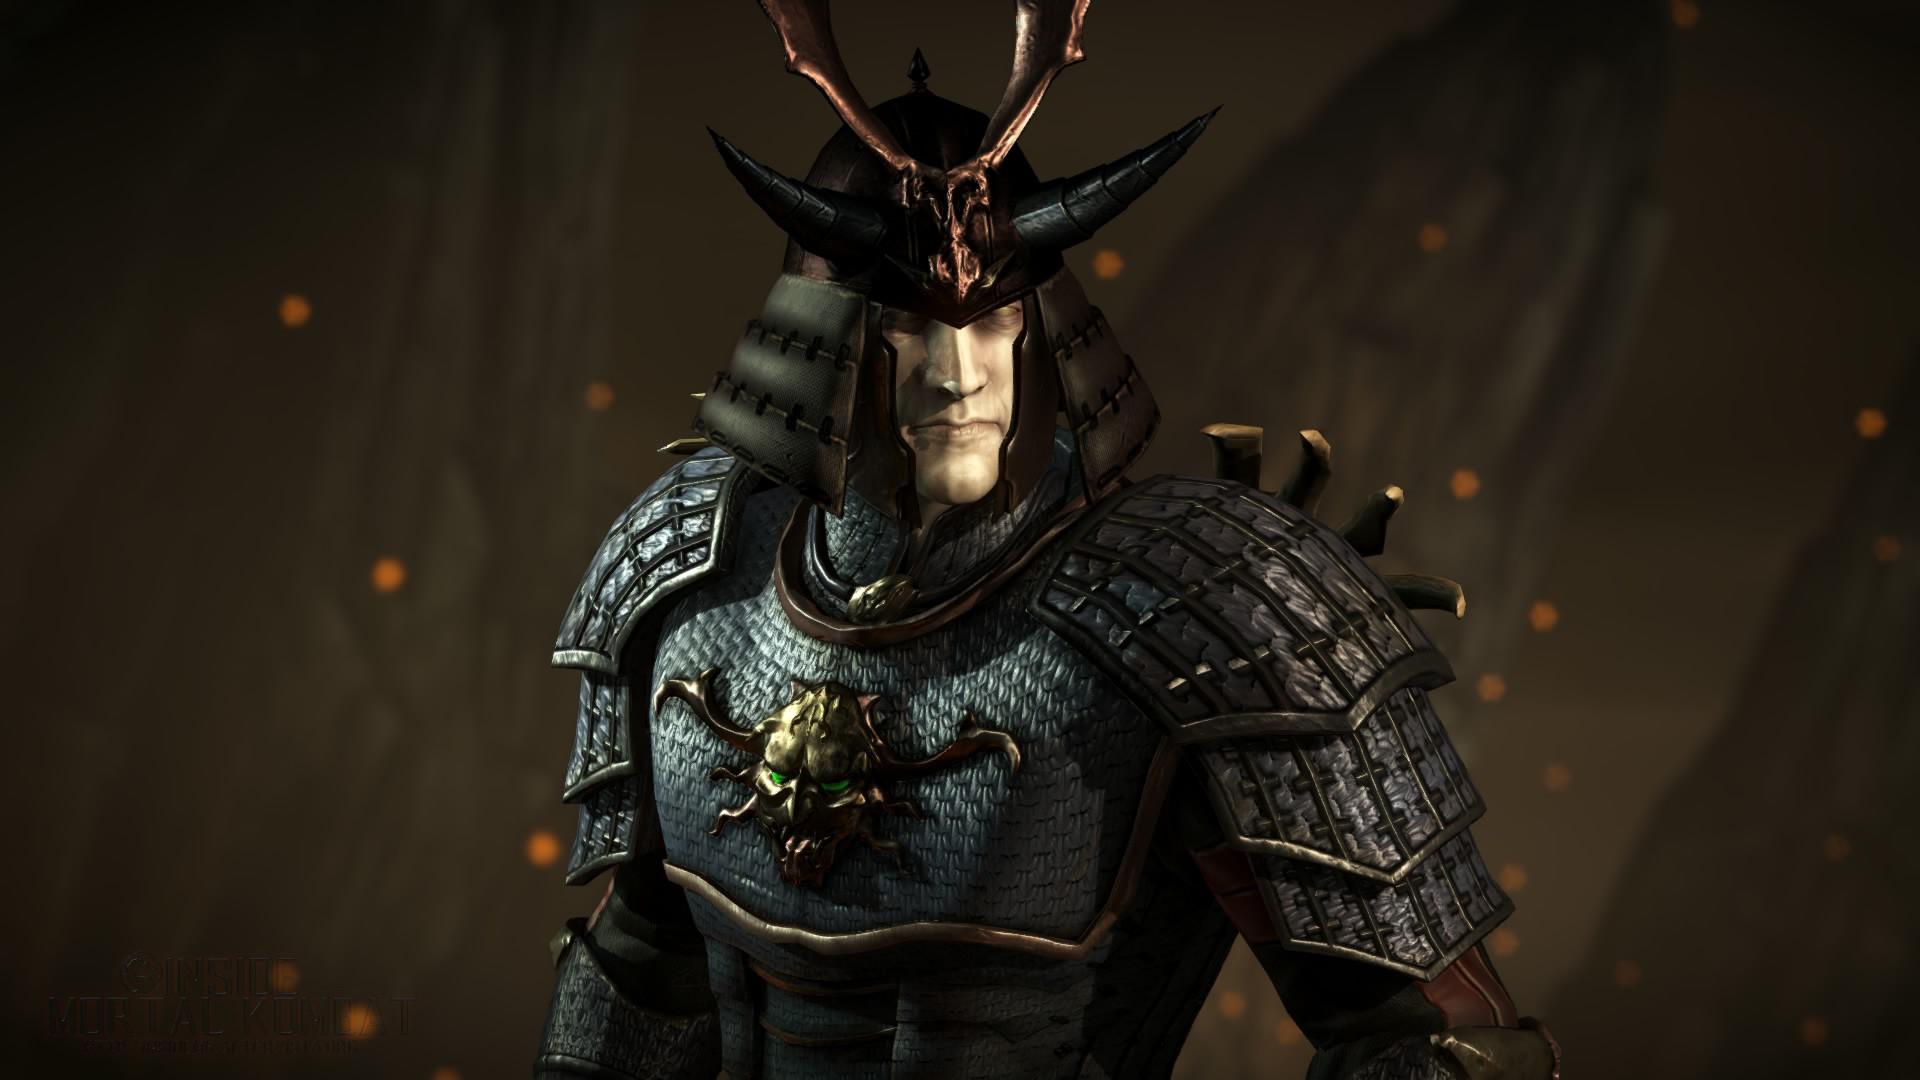 Res: 1920x1080, Samurai Pack Mortal Kombat X